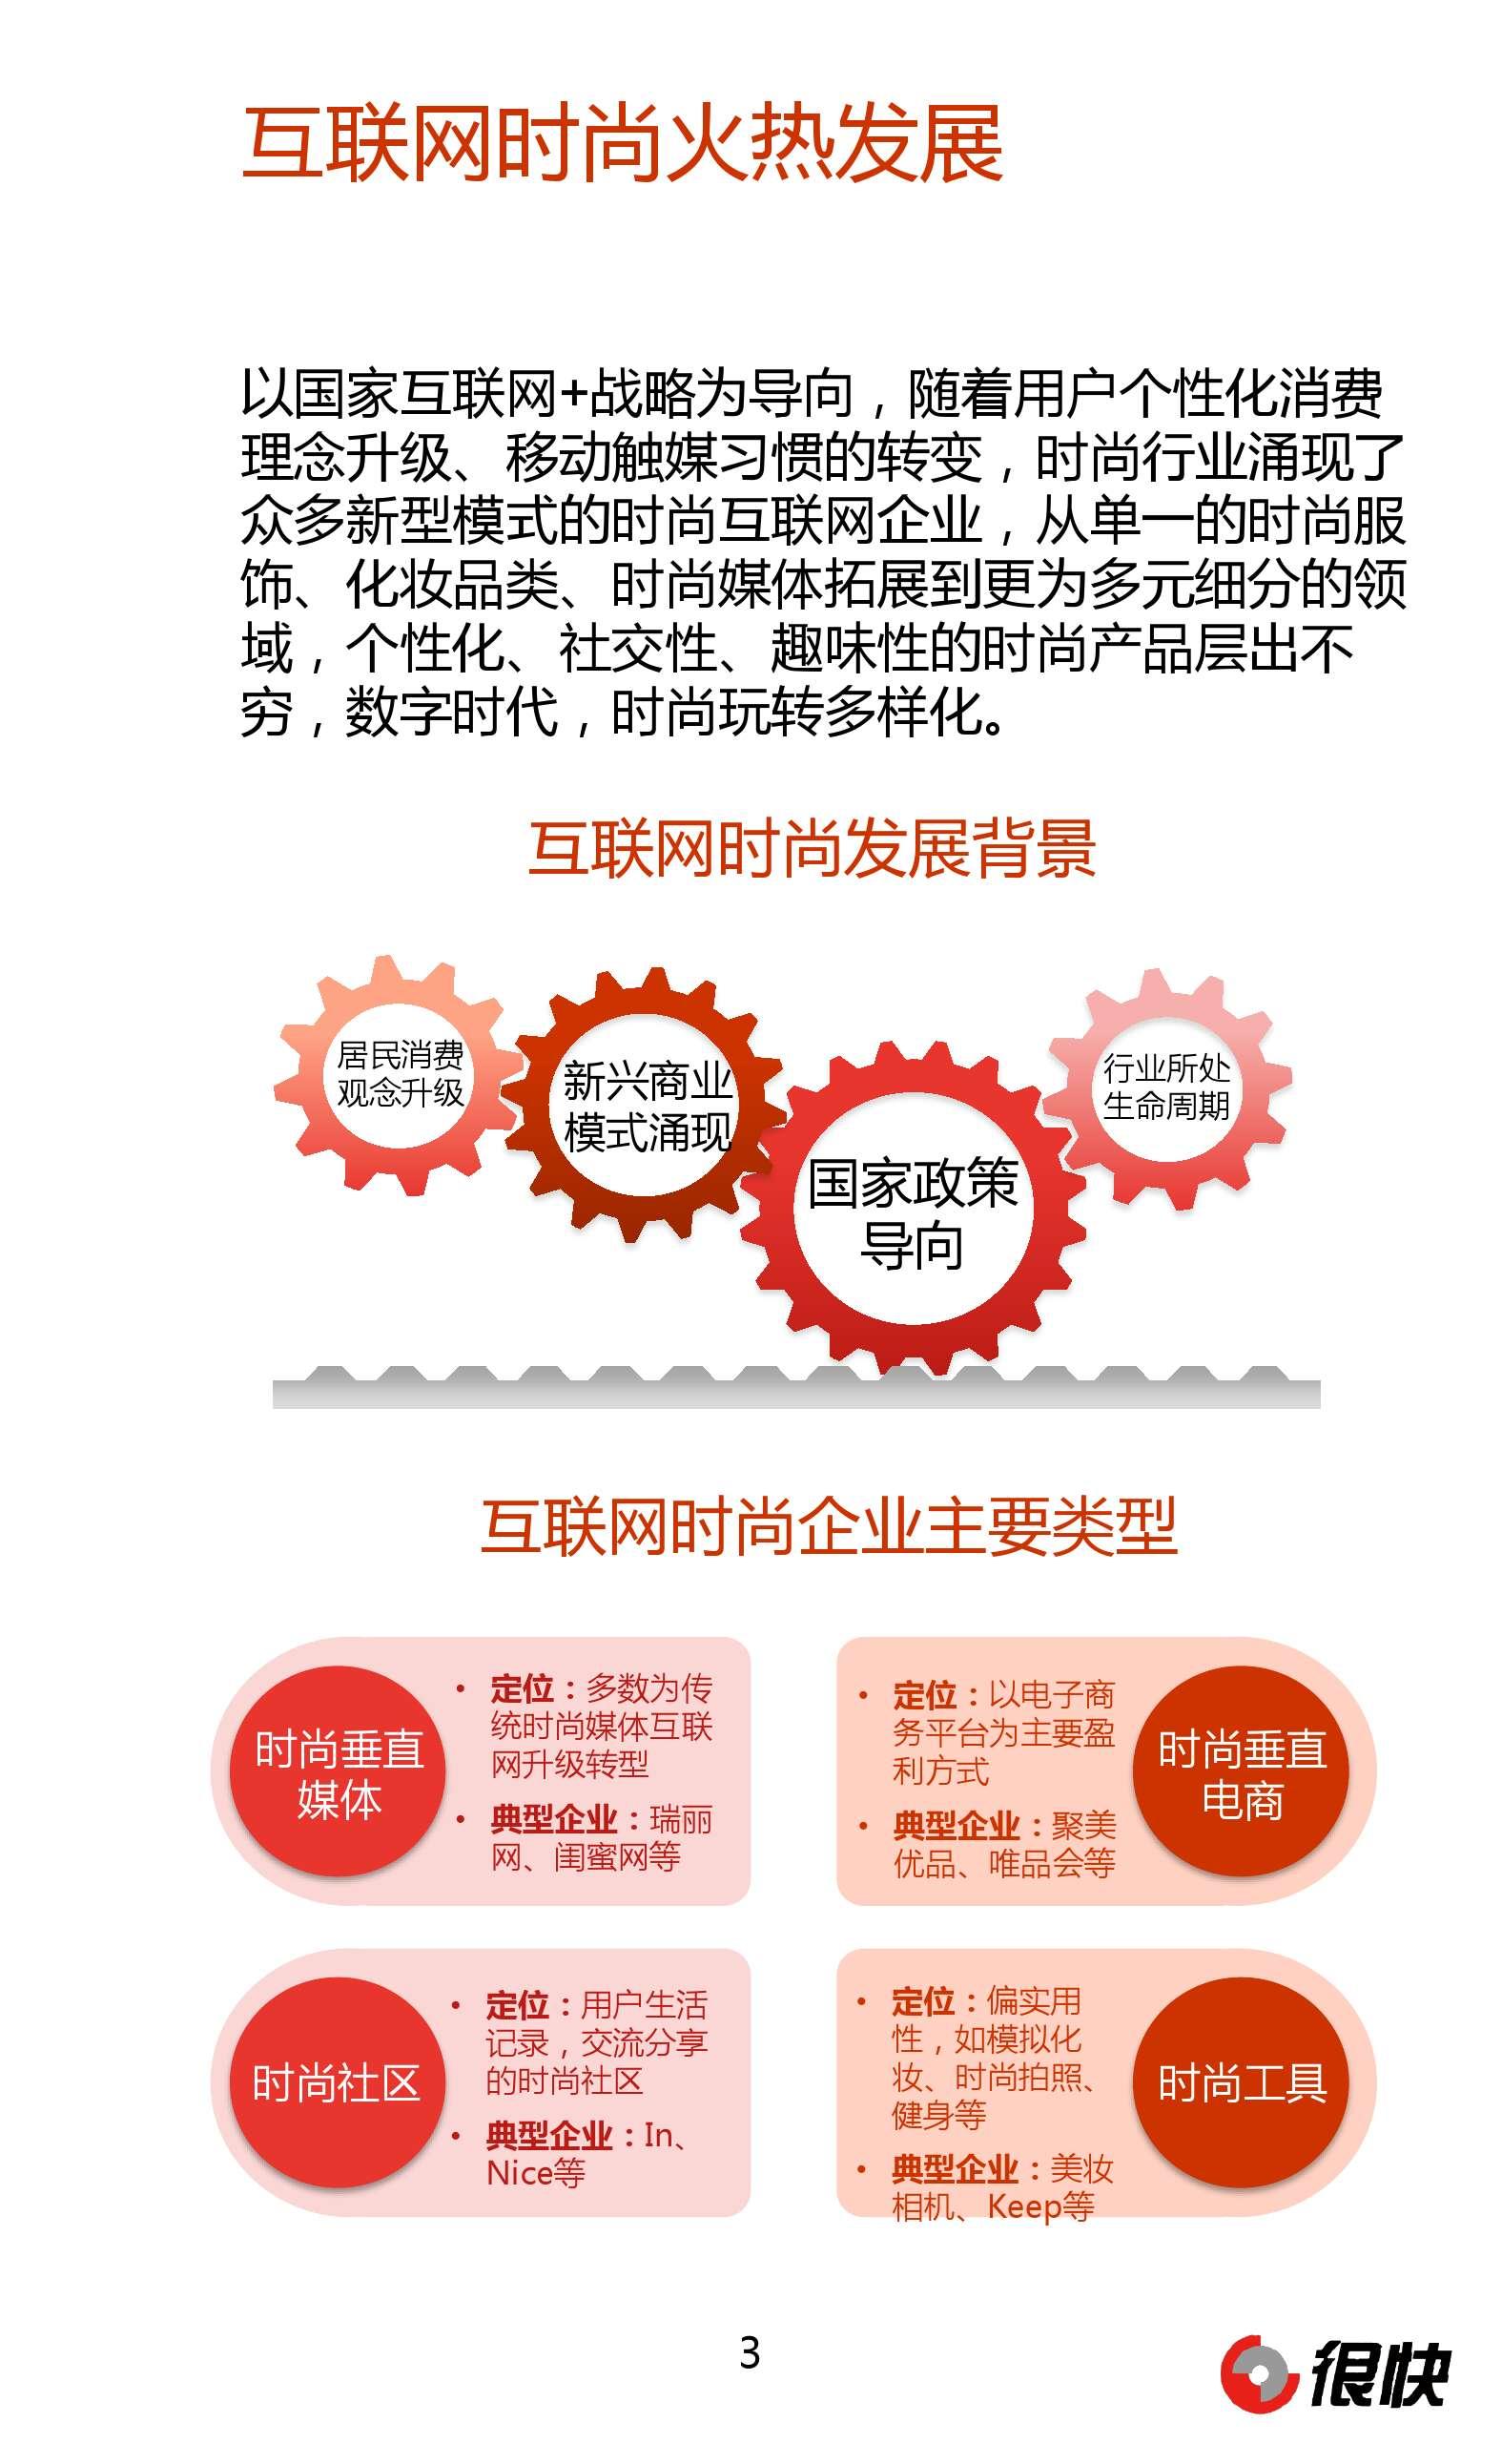 Henkuai-中国行业时尚微信公众号数据洞察报告_000003